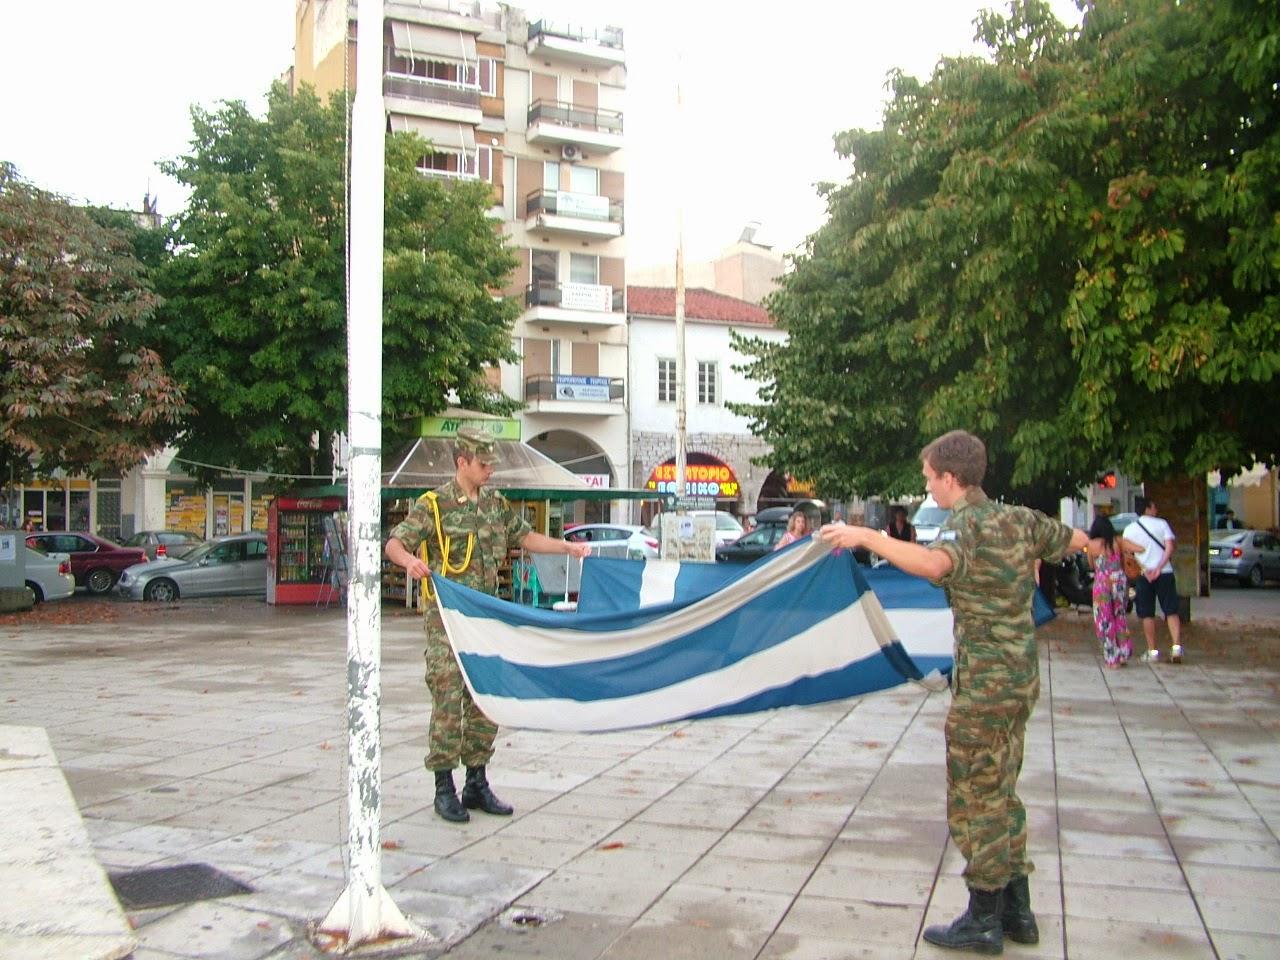 Υποστολή σημαίας στην Τρίπολη. Σταματούν μέχρι και τα αυτοκίνητα